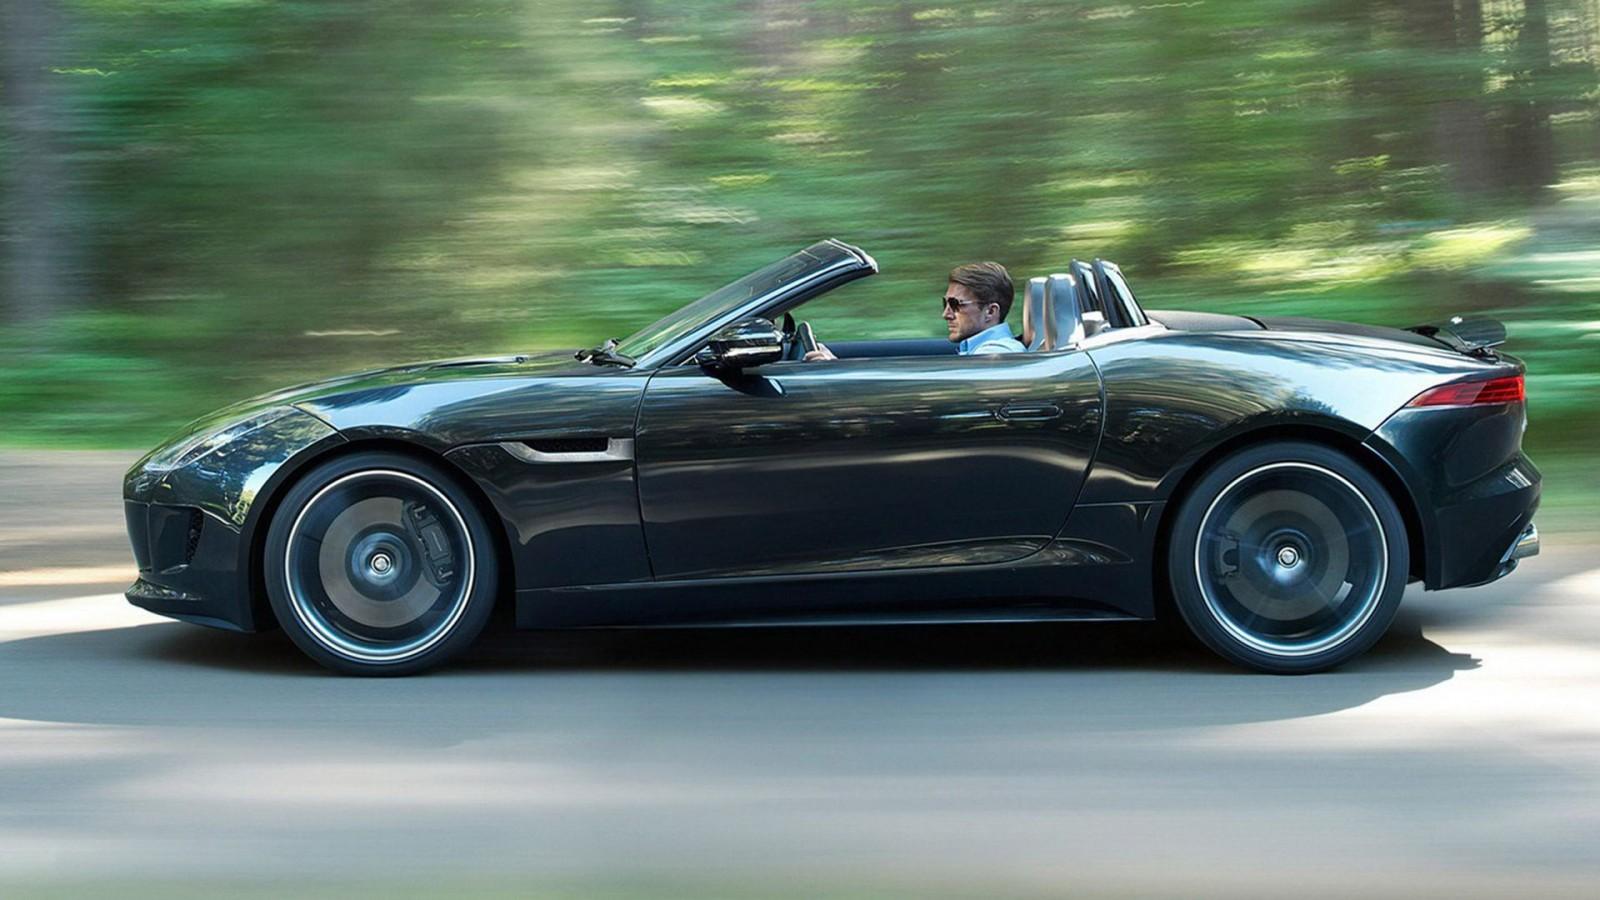 Royal Cars And Bikes Wallpapers Maserati Vs Corvette